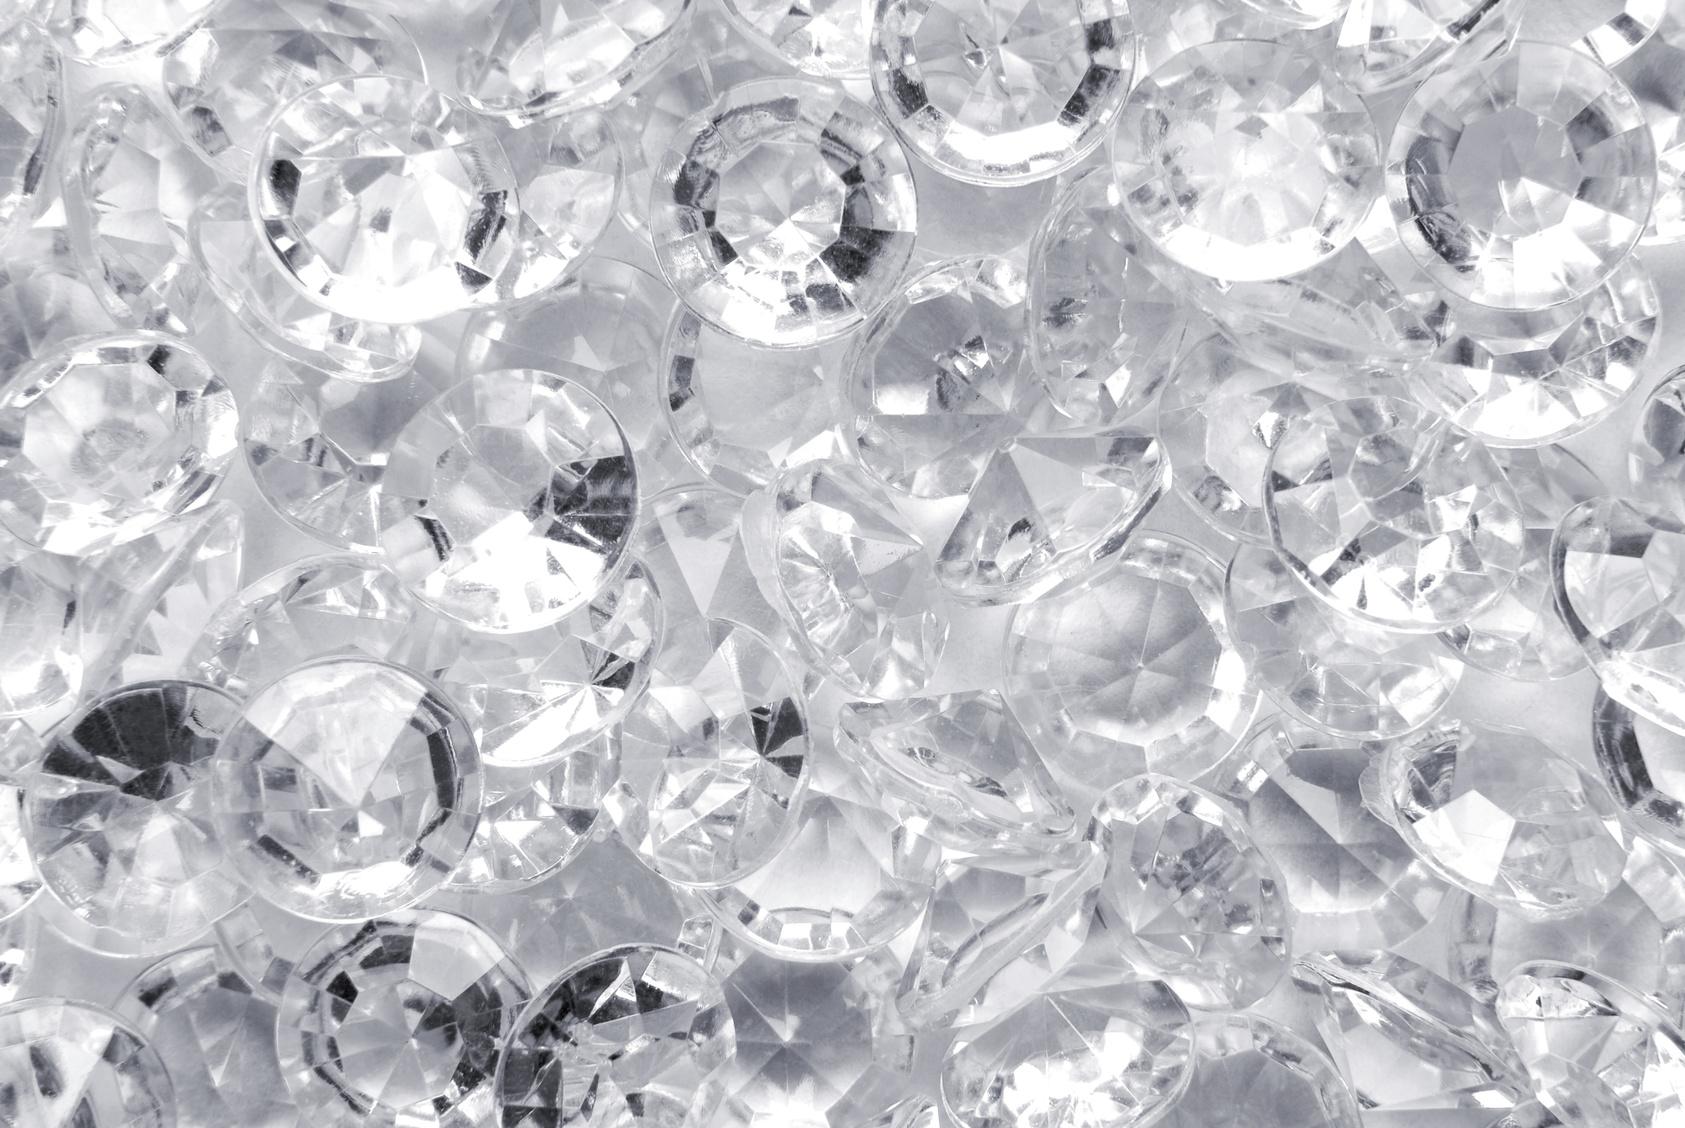 white diamond background - photo #11